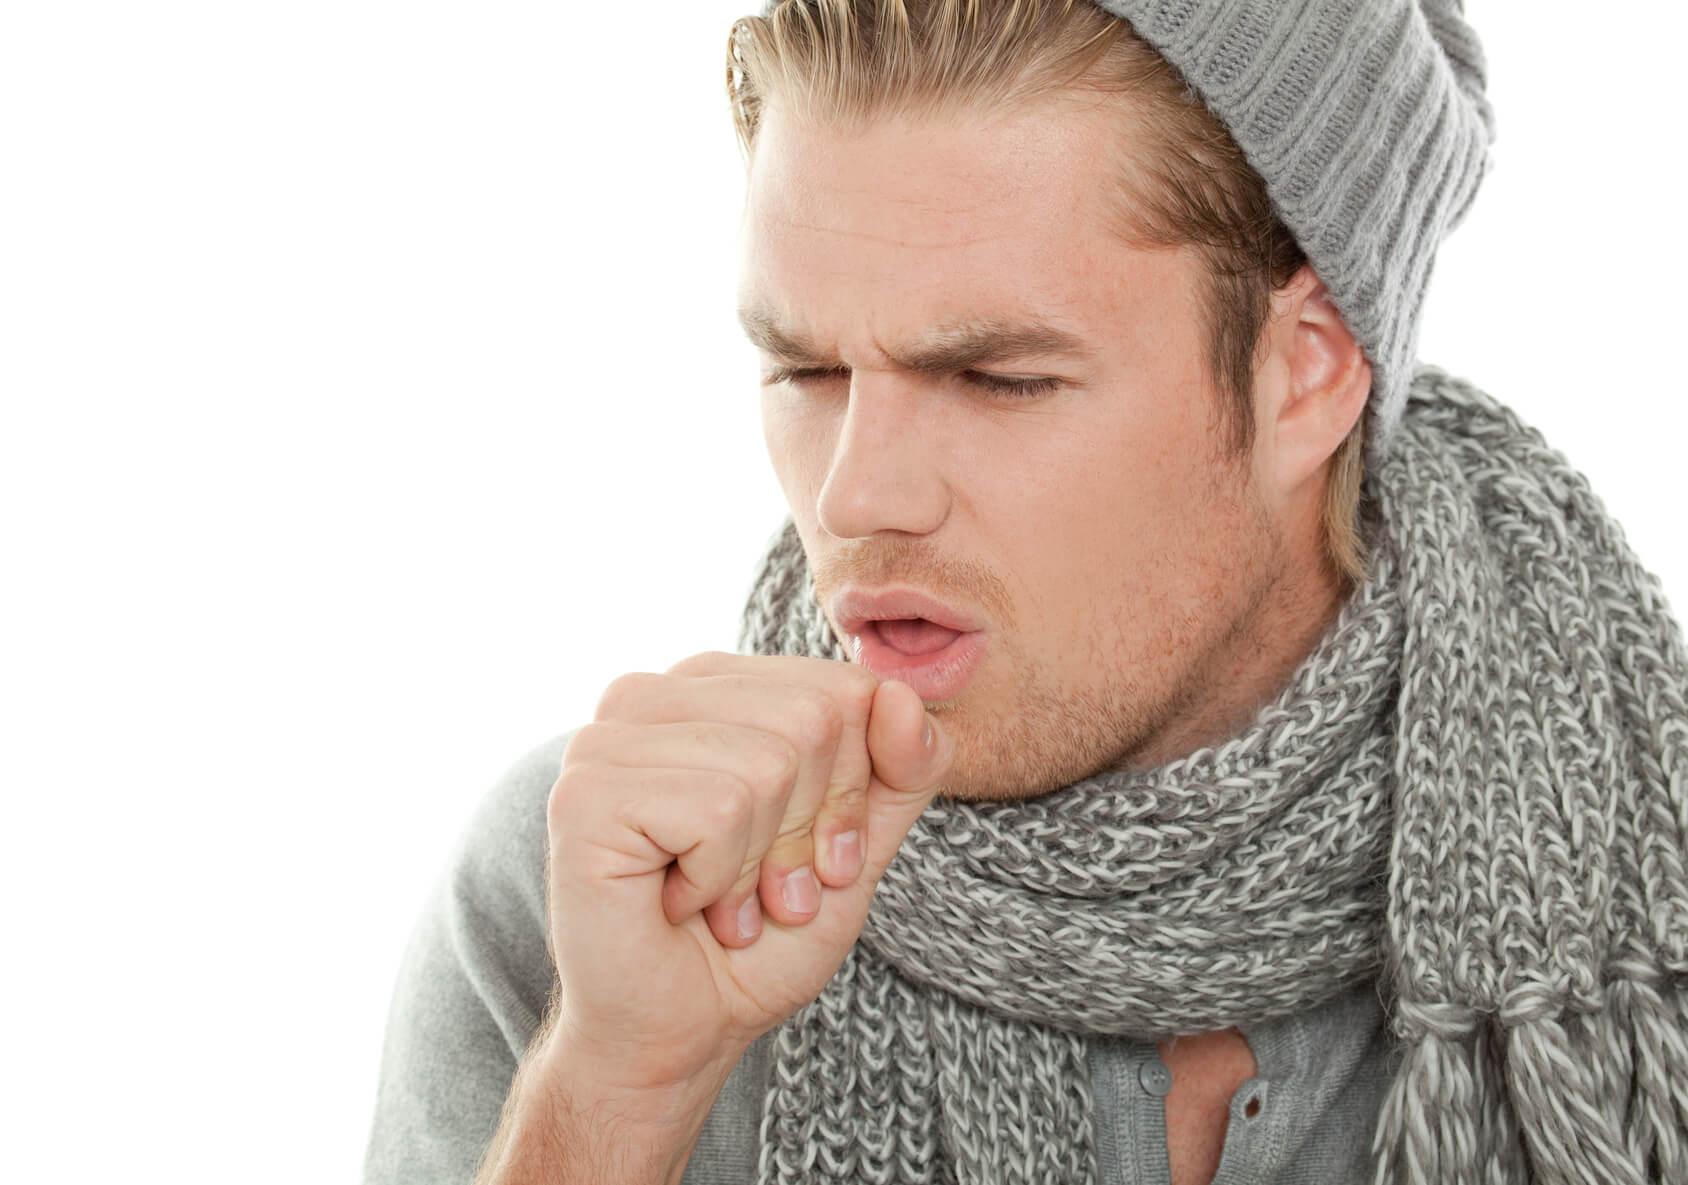 الكحة لعلاج التهابات الشعب الهوائية